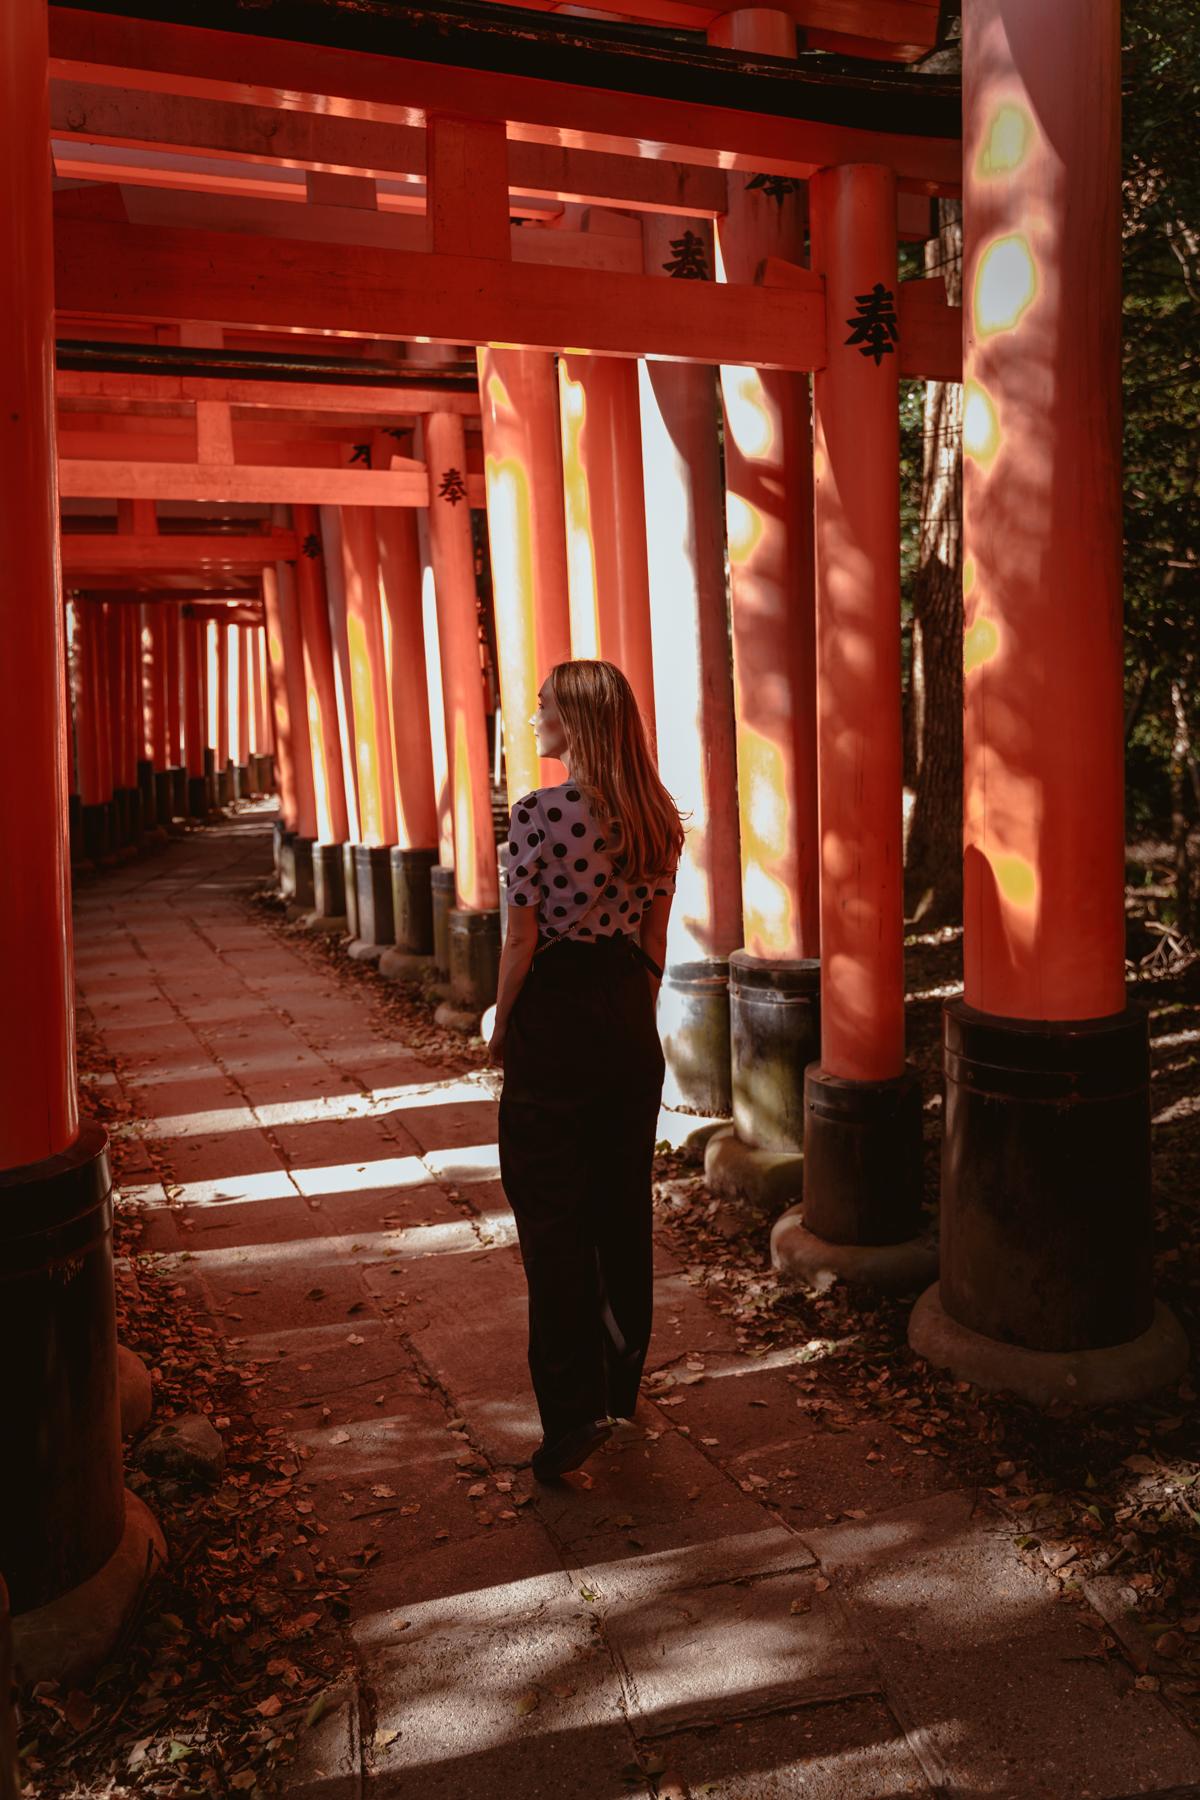 Reise nach Japan planen Tipps